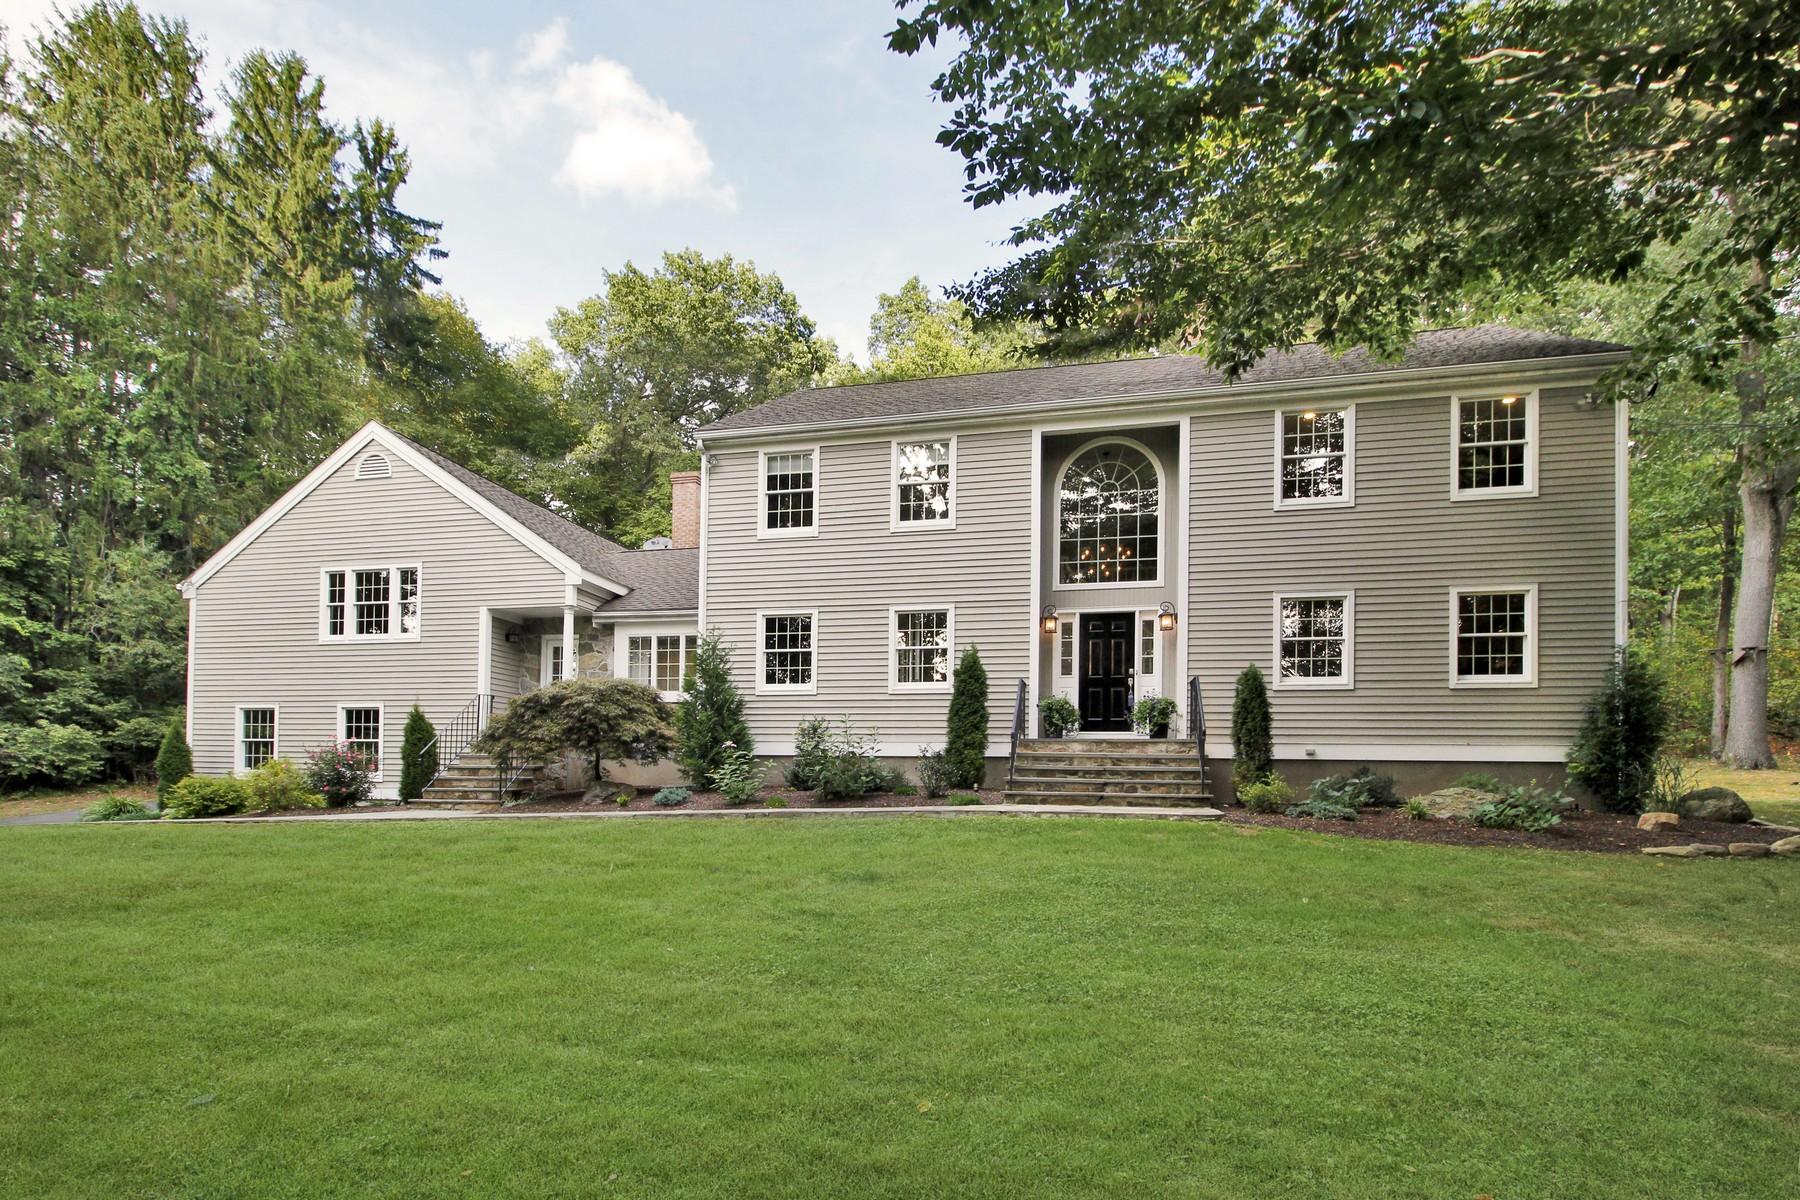 Частный односемейный дом для того Продажа на Stately Expansive Colonial on Easton/Fairfield Border 15 Reilly Road Easton, Коннектикут 06612 Соединенные Штаты